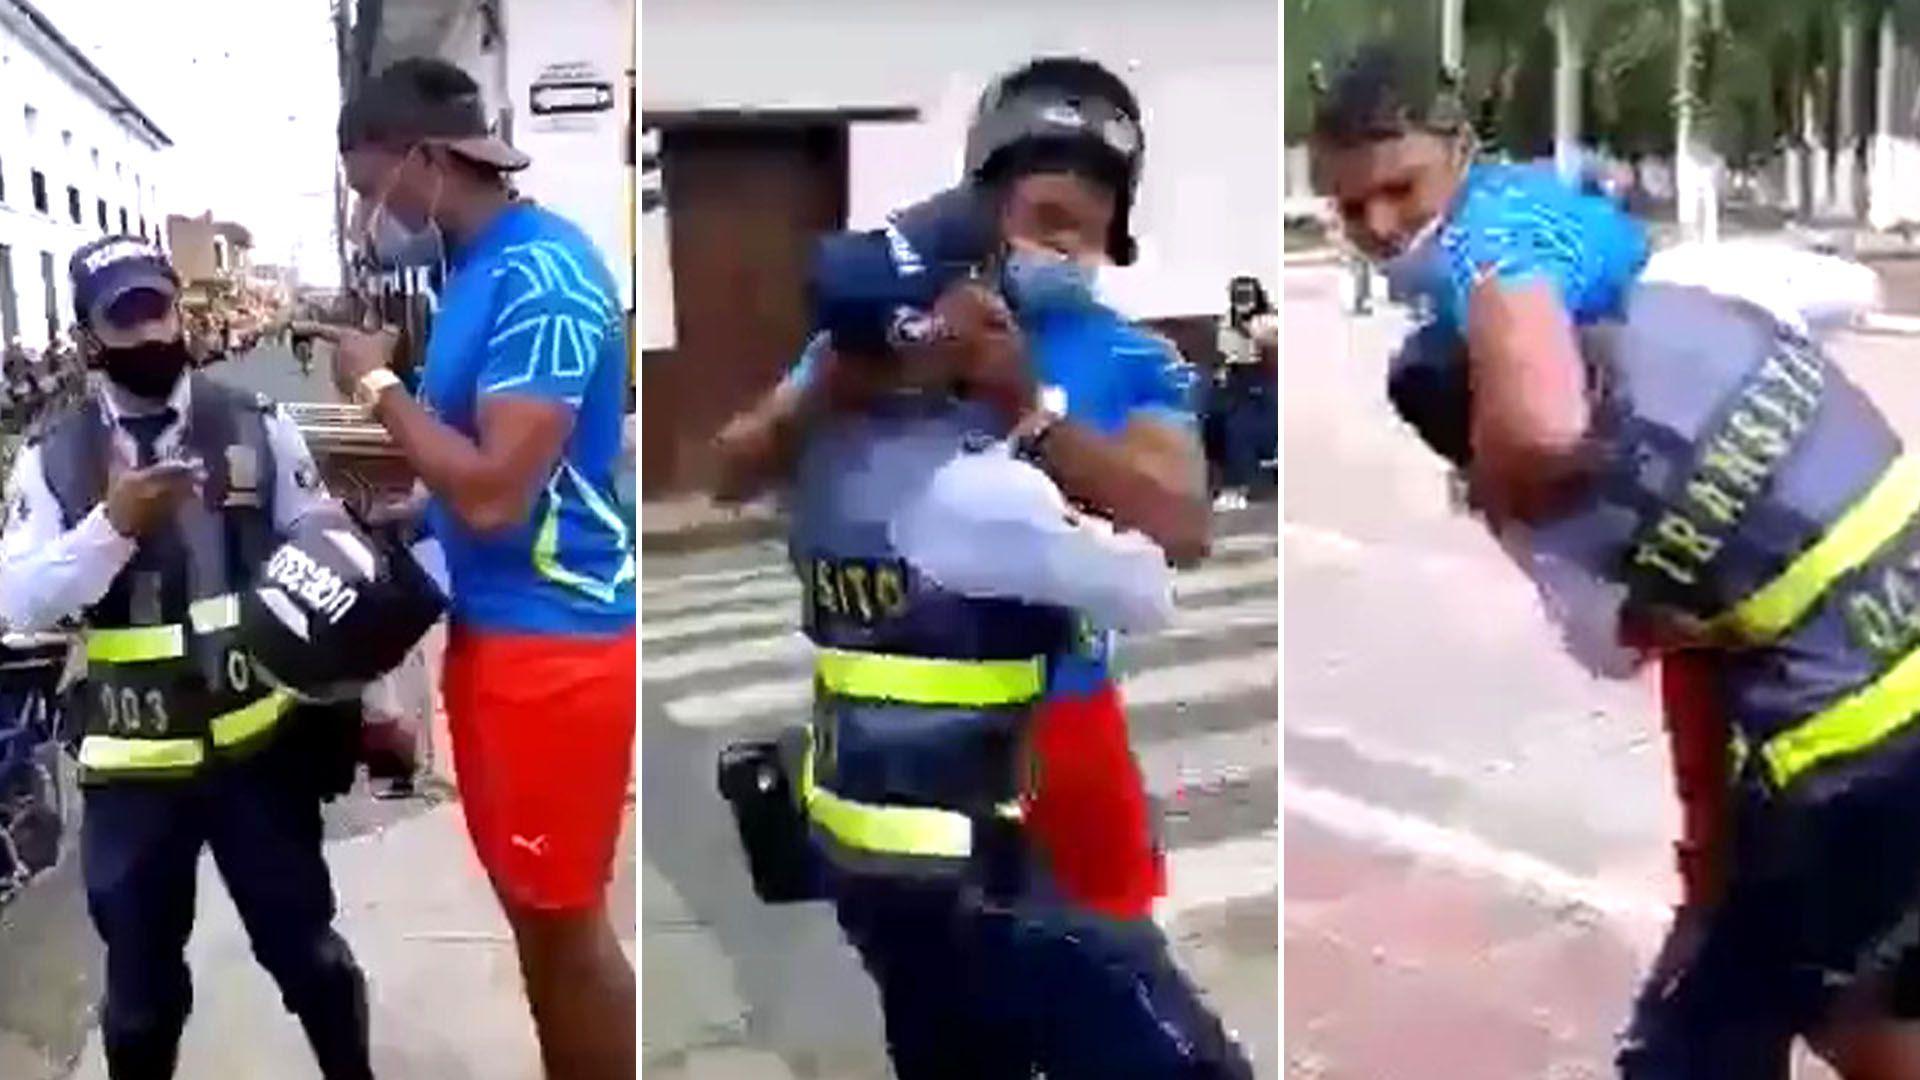 Agente de transito es agredido en El Cerrito Valle del Cauca portada